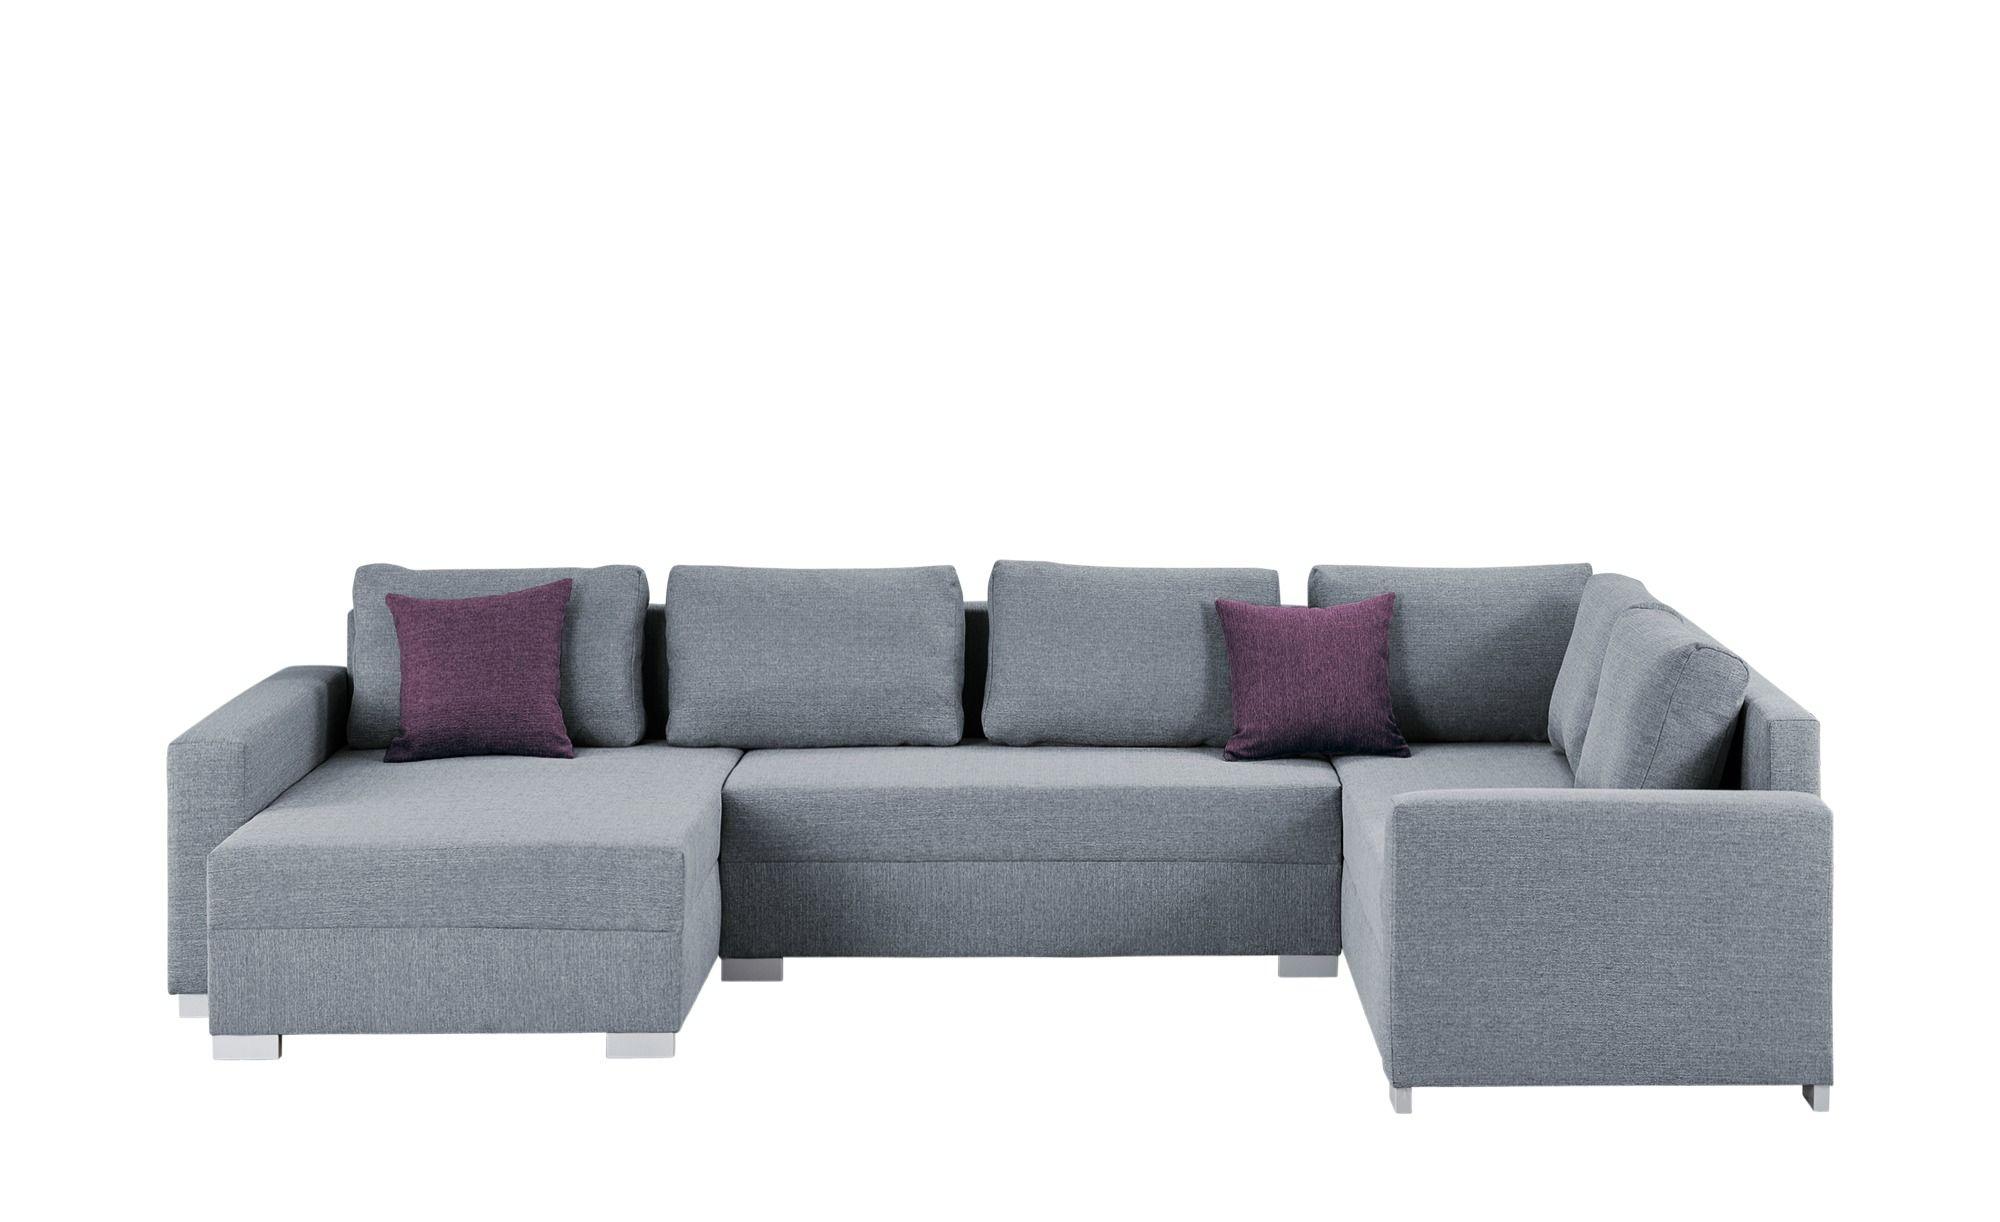 Smart Wohnlandschaft Grau Webstoff Anne Moderne Couch Sofa Wohnlandschaft Sofa Design